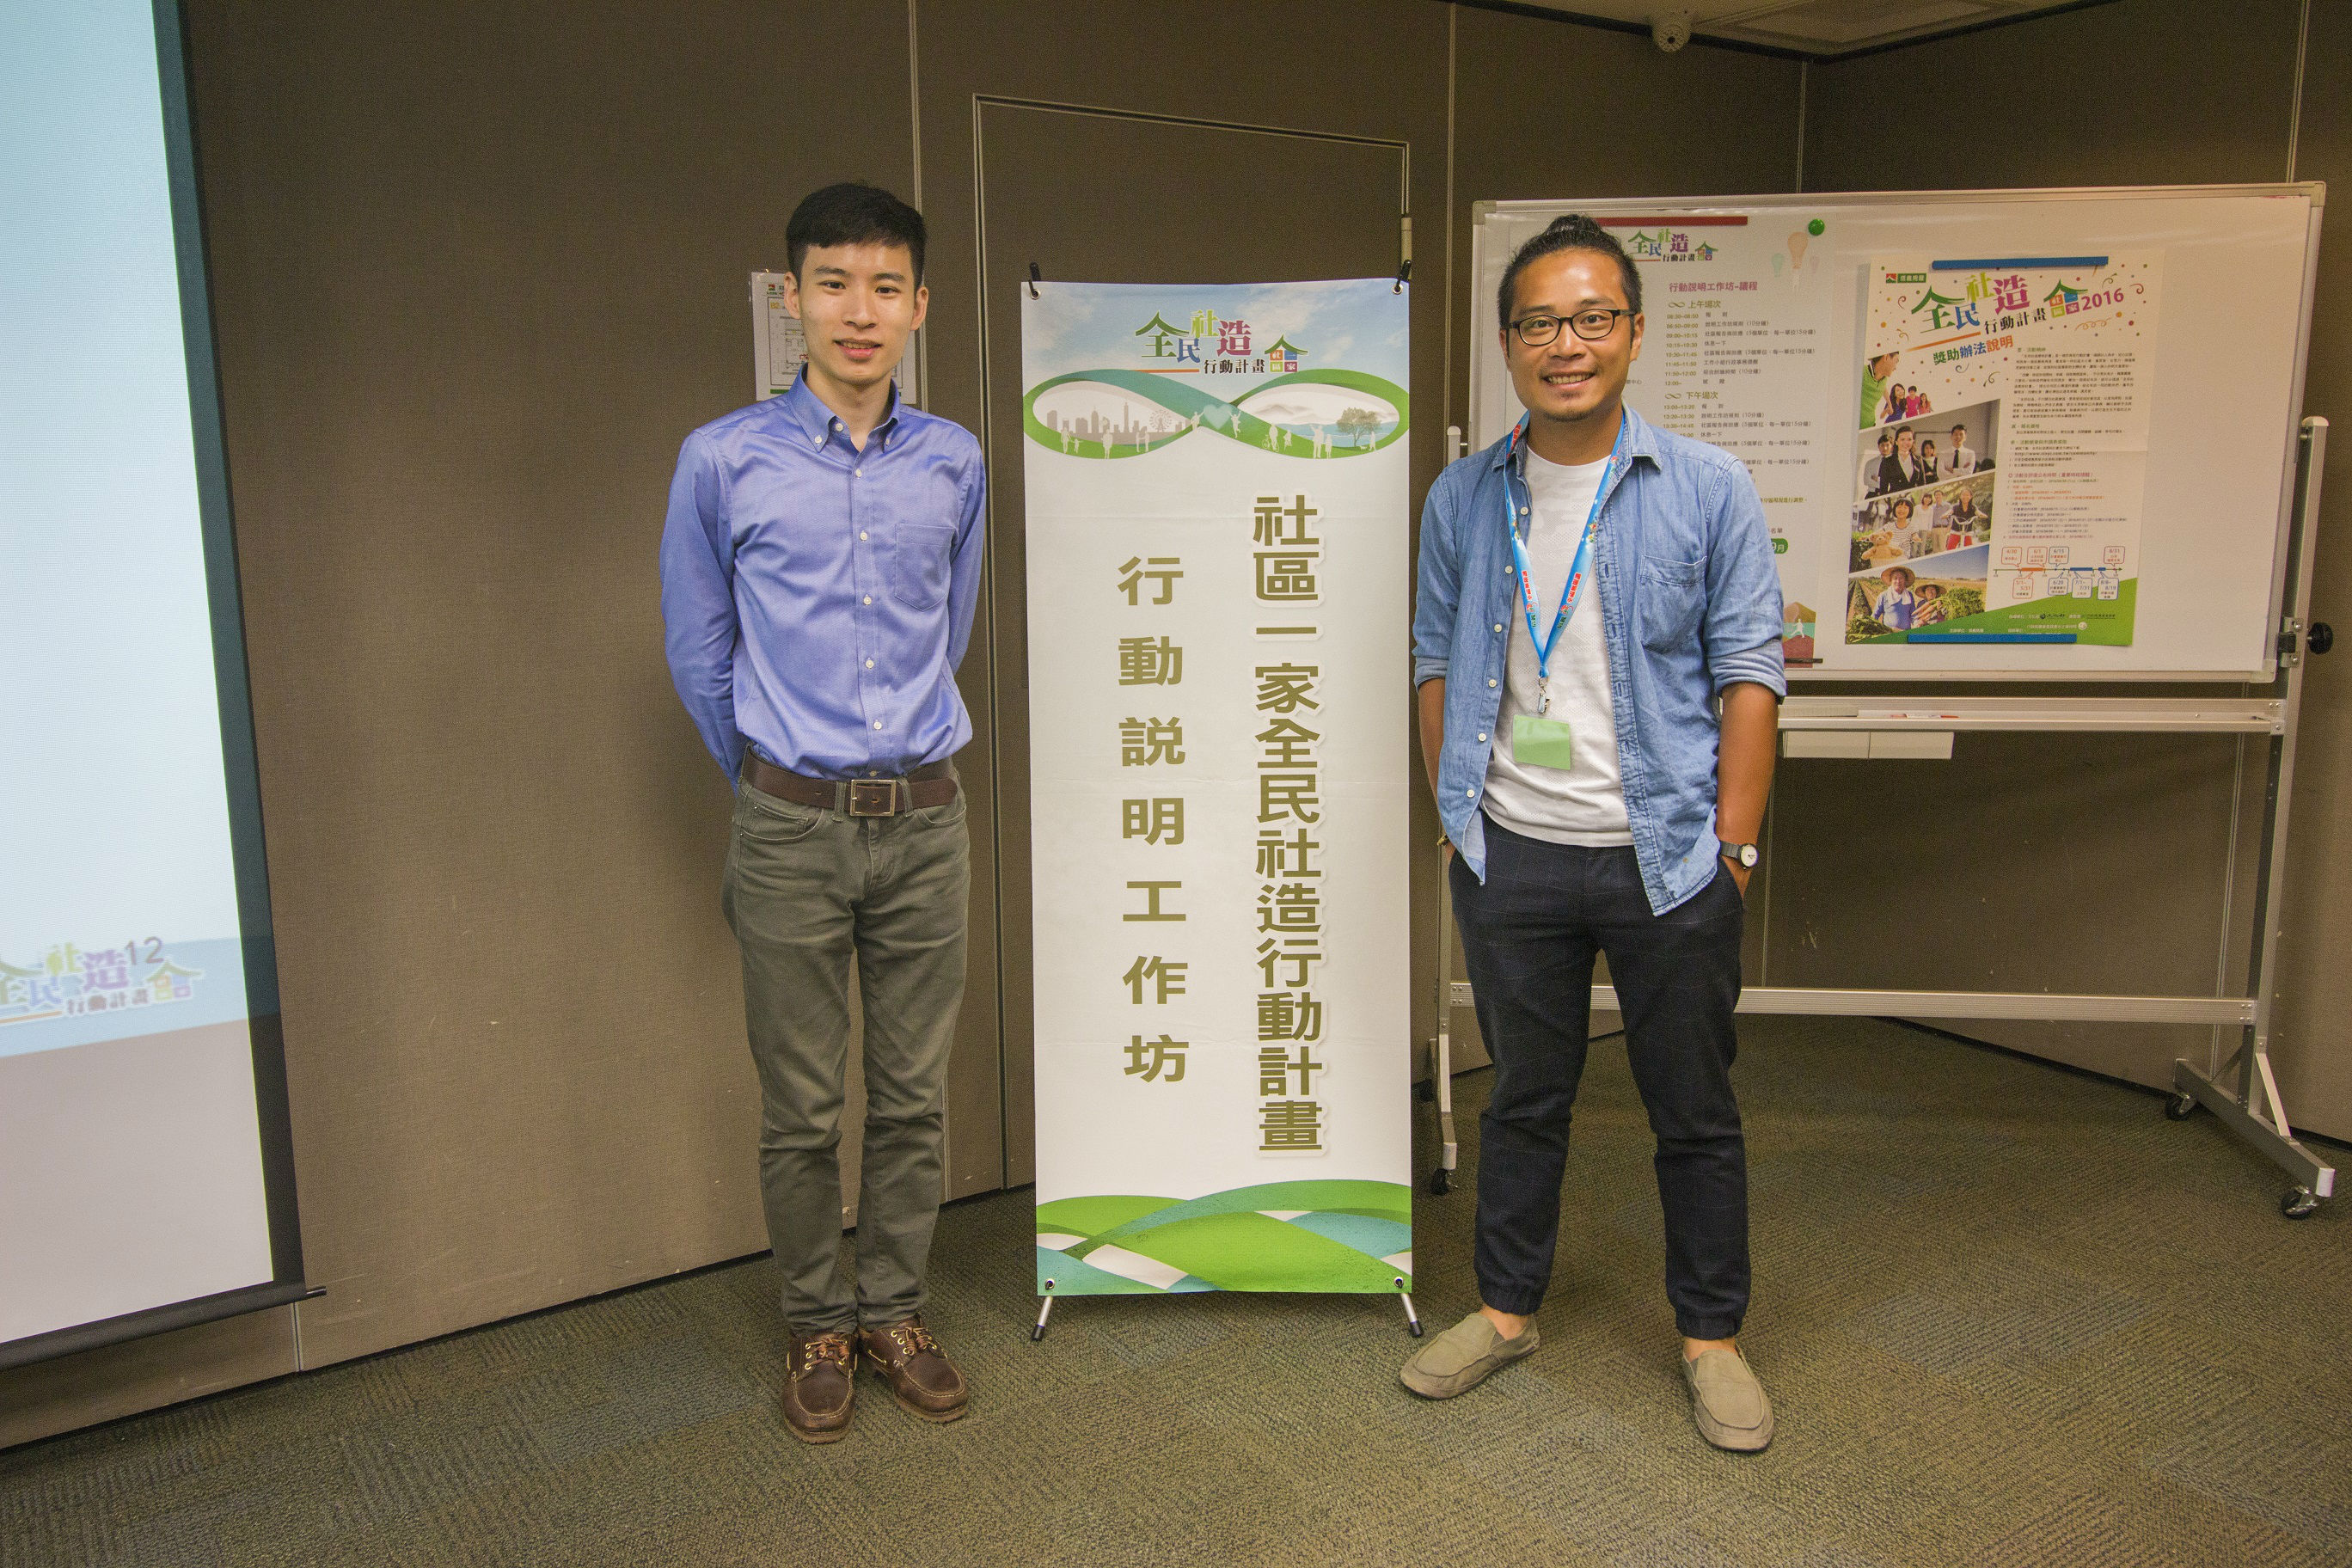 張峻瑋與張智宇(左起)榮獲「全民社造行動計畫」大獎.jpg